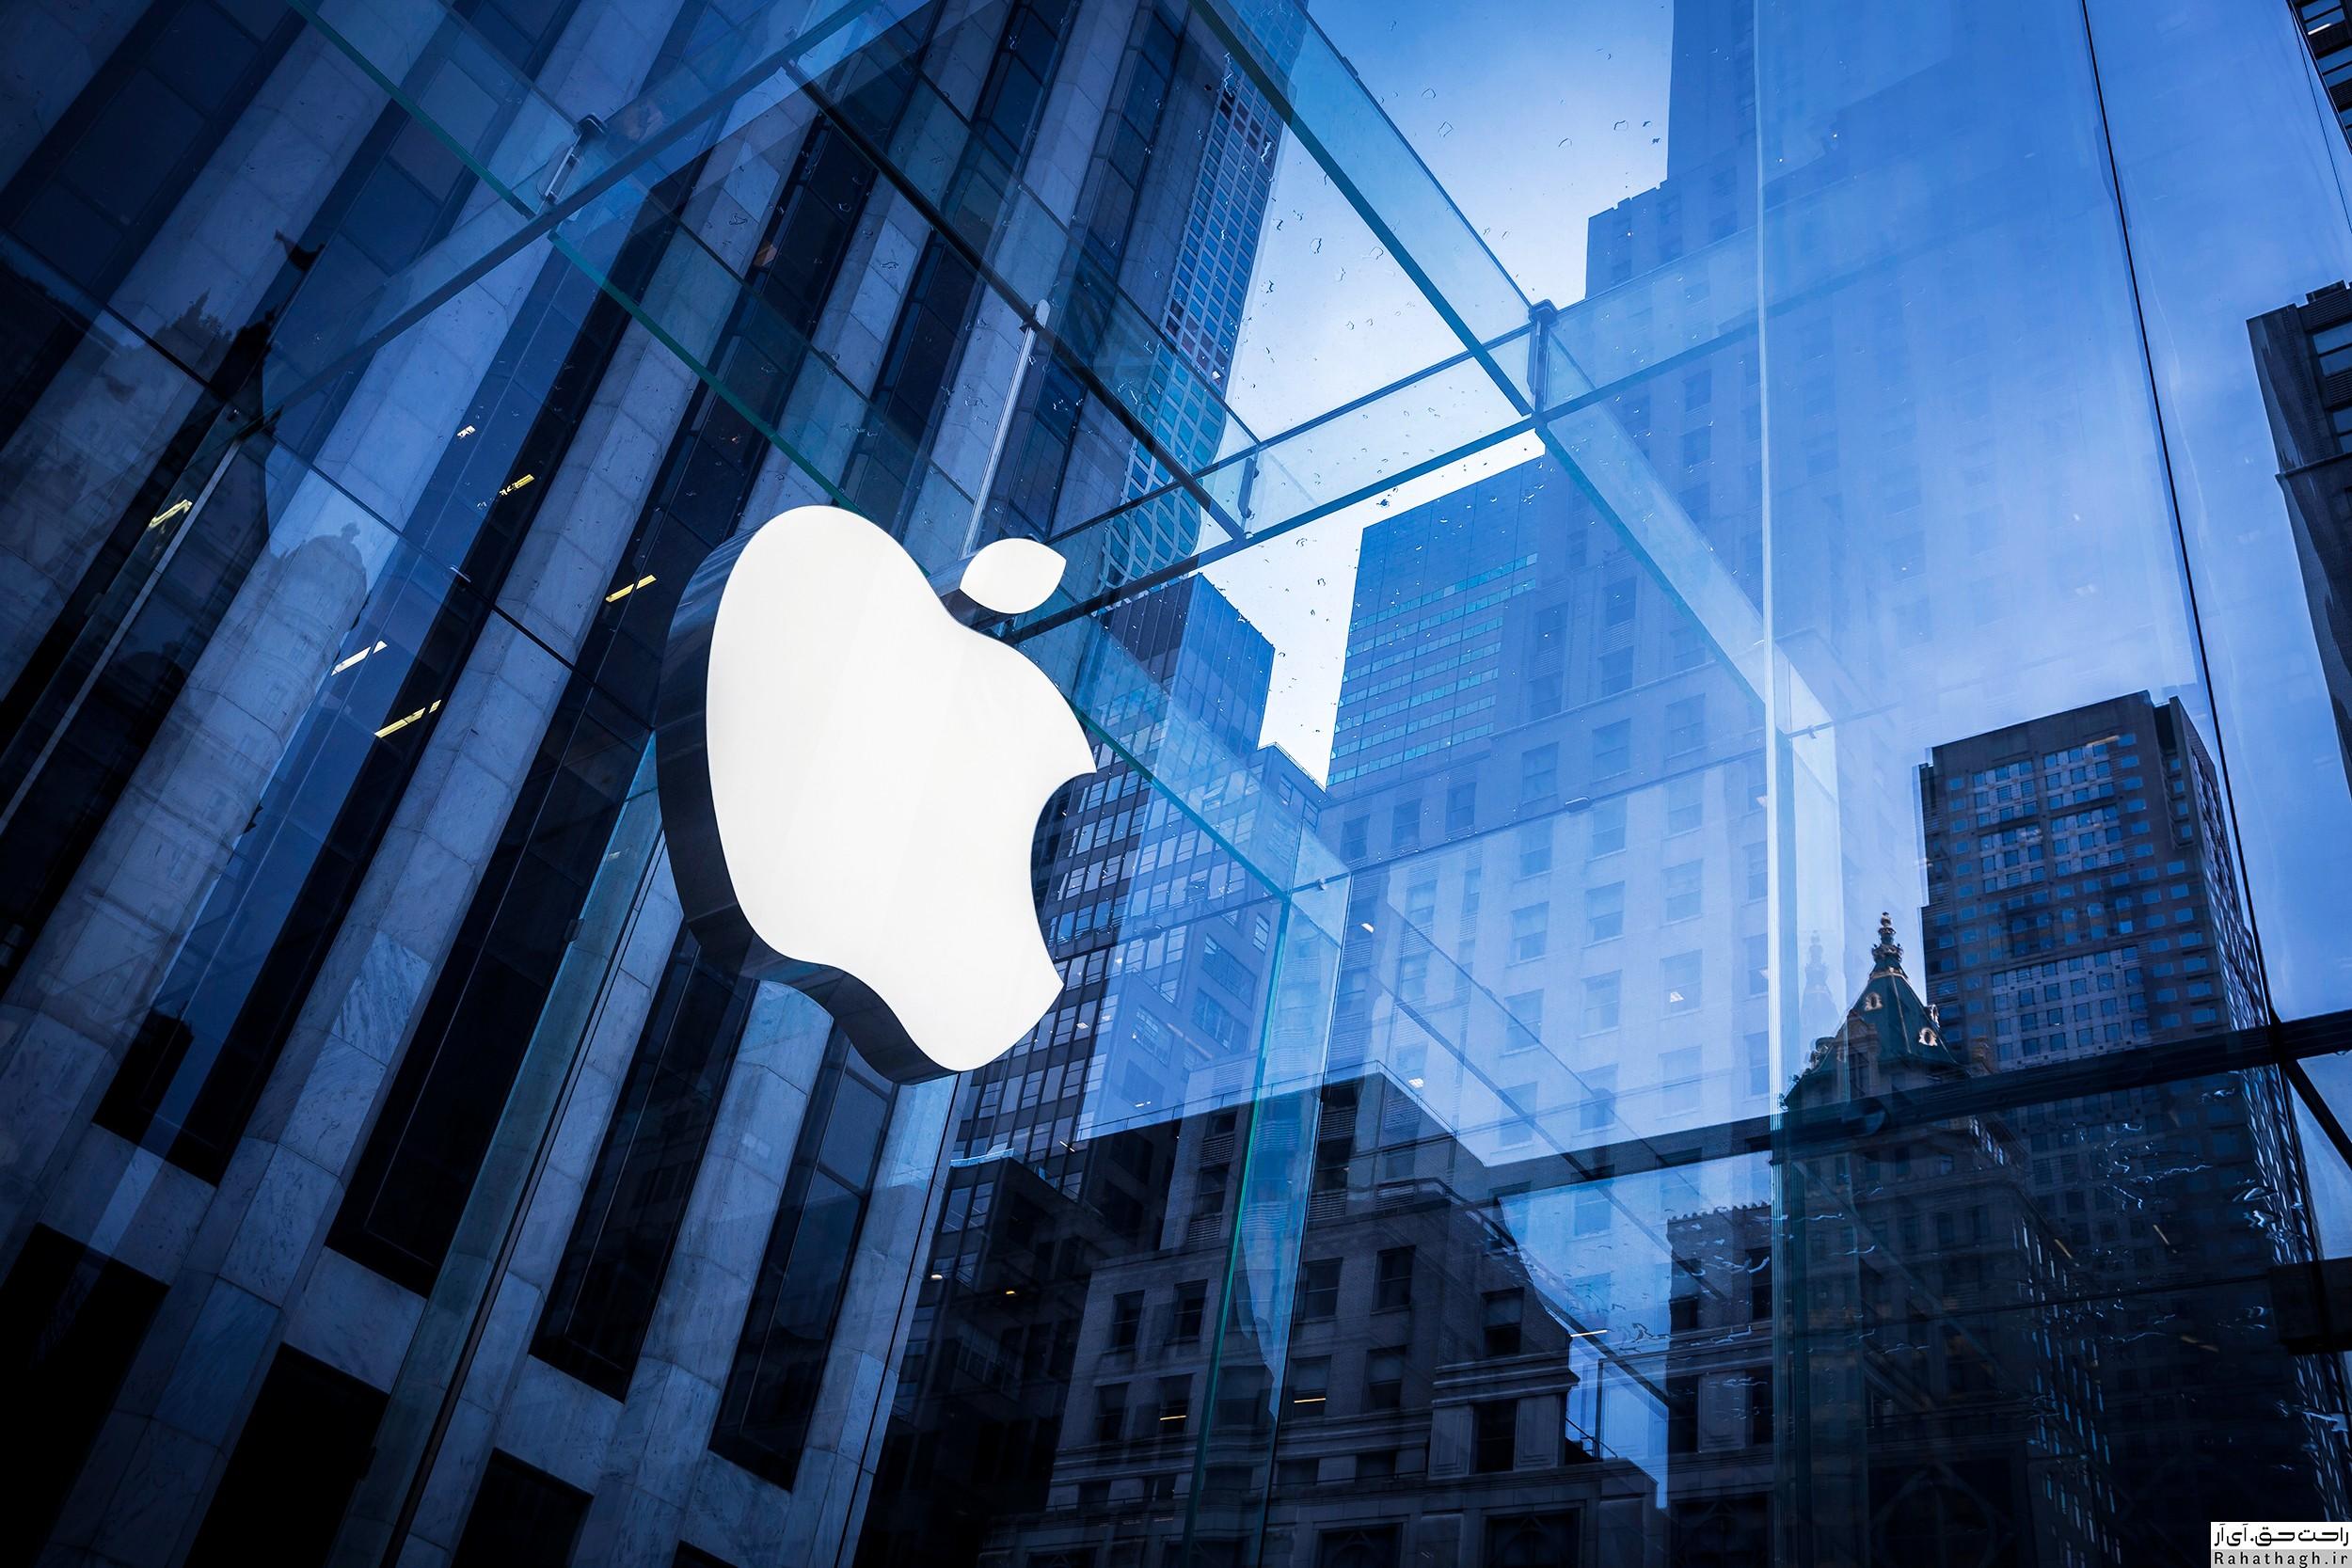 https://bayanbox.ir/view/53504180221414045/The-Future-Of-Apple-%D8%B1%D8%A7%D8%AD%D8%AA-%D8%AD%D9%82.jpg